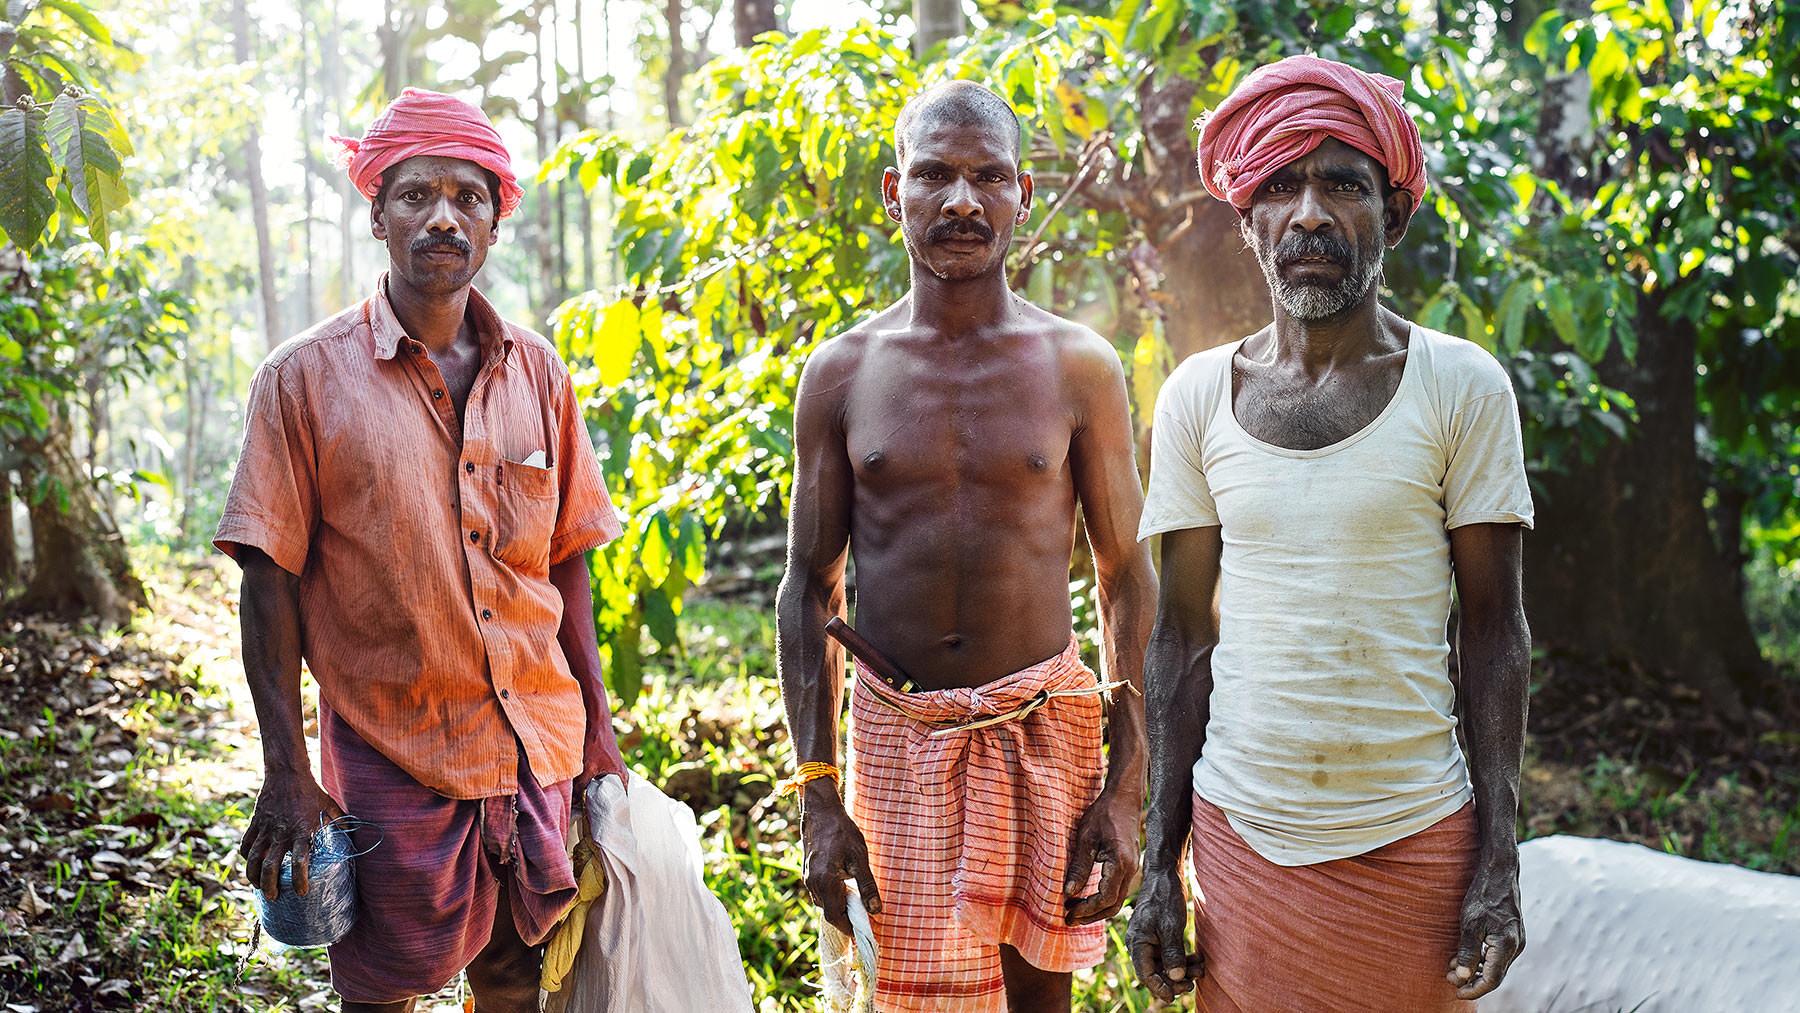 daniel_pelka_india_portraits_06